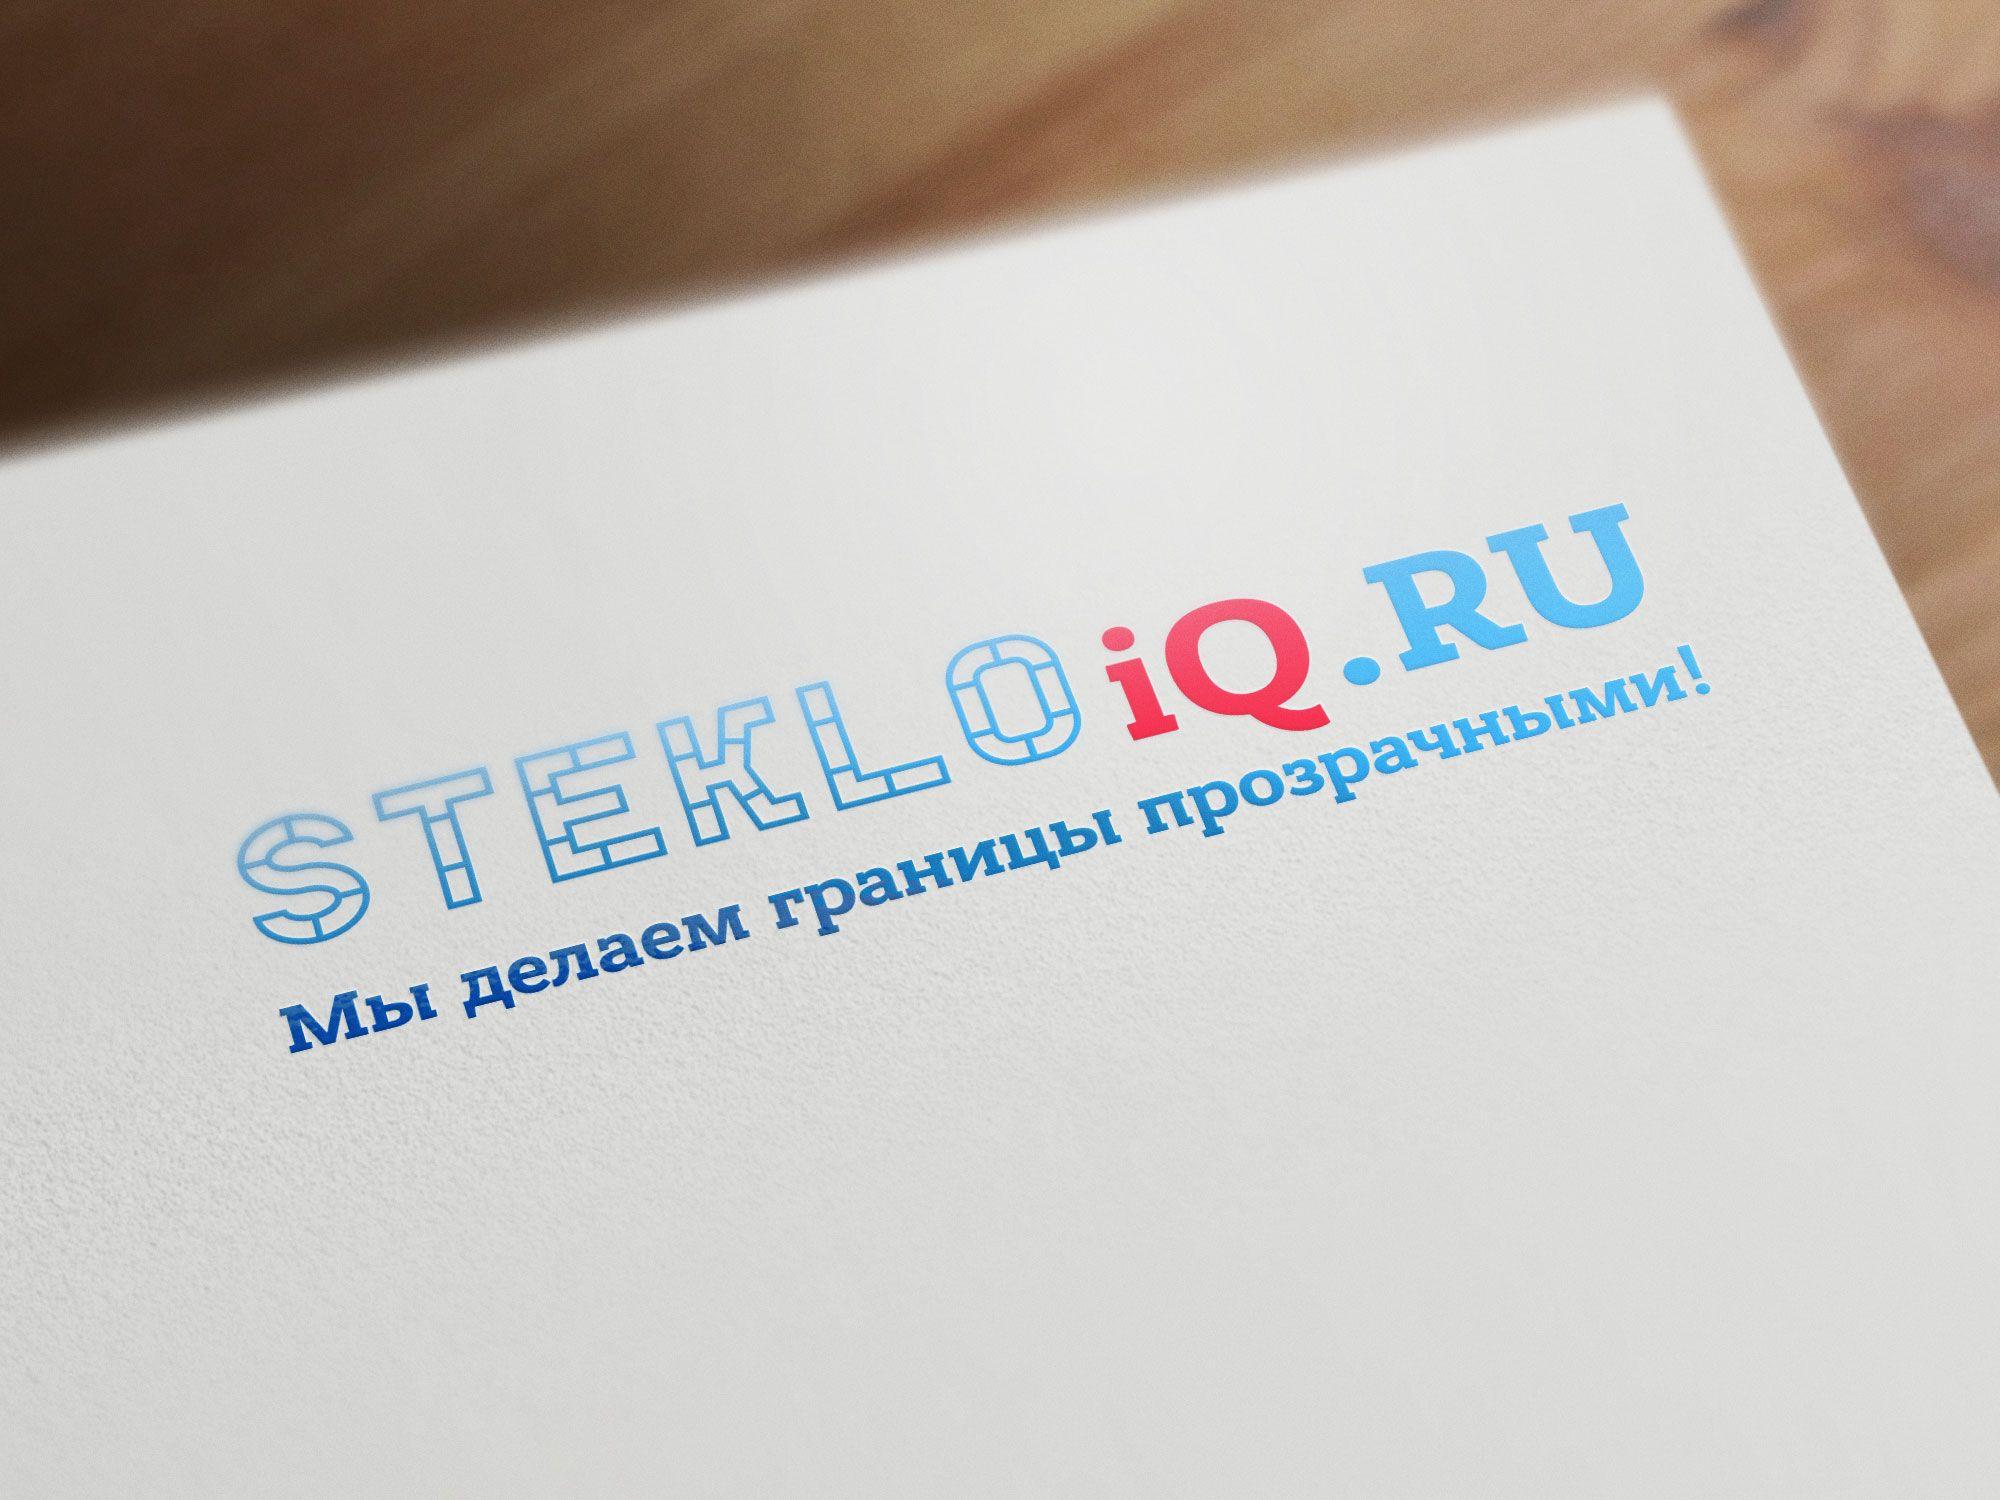 Разработка логотипа для архитектурной студии. - дизайнер TanOK1